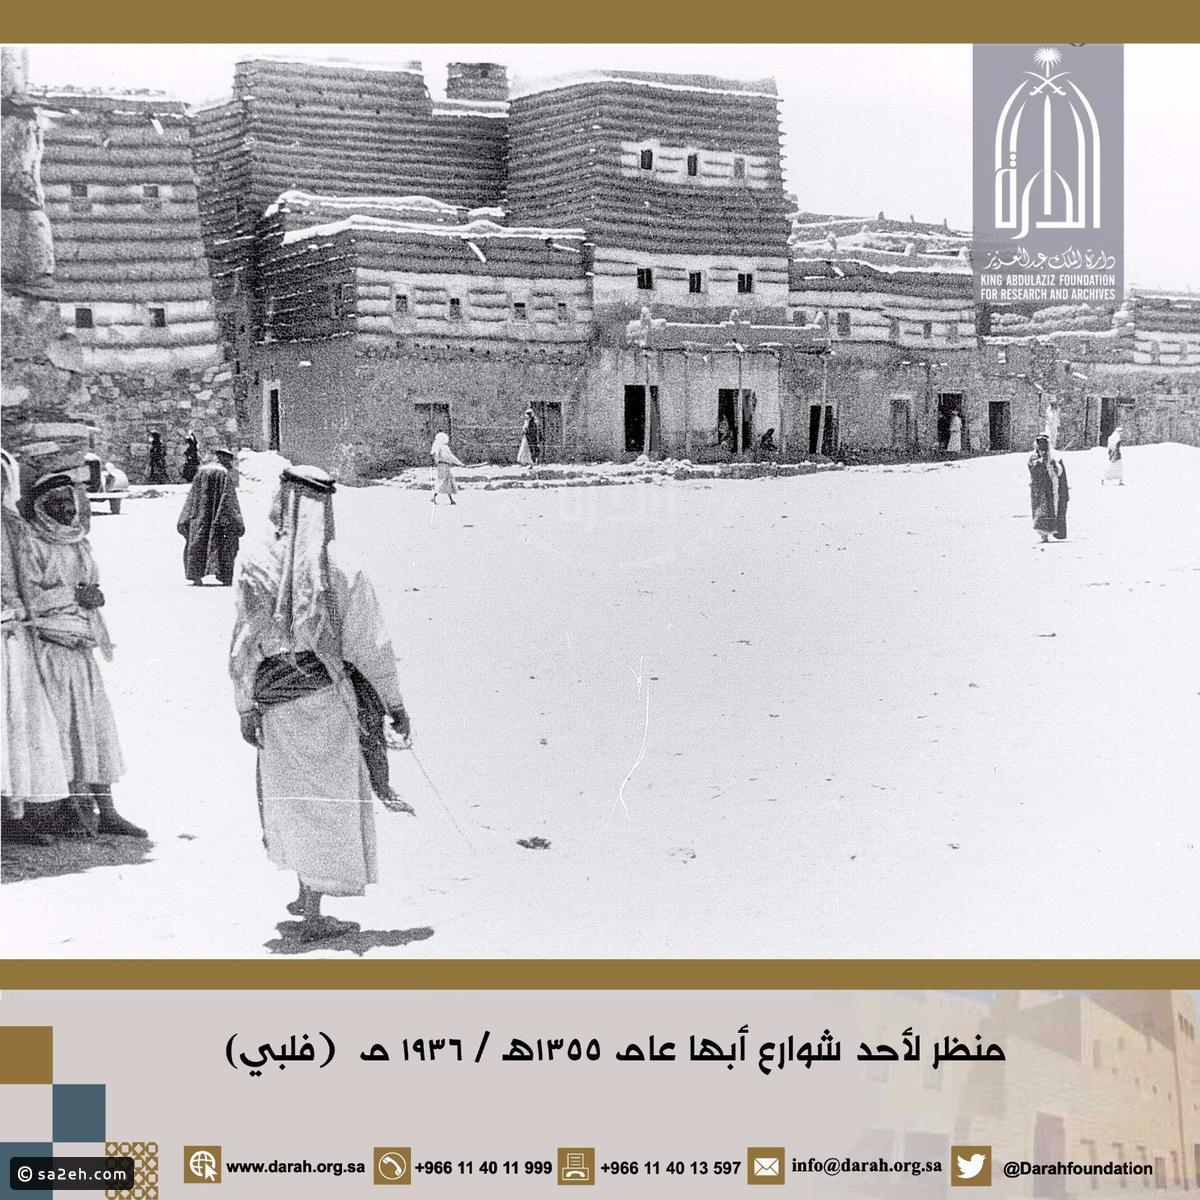 awww.alqiyady.com_site_images_sites_default_files_alqiyady_proc935467226410fbd9bd3a5d19cdff6ec.